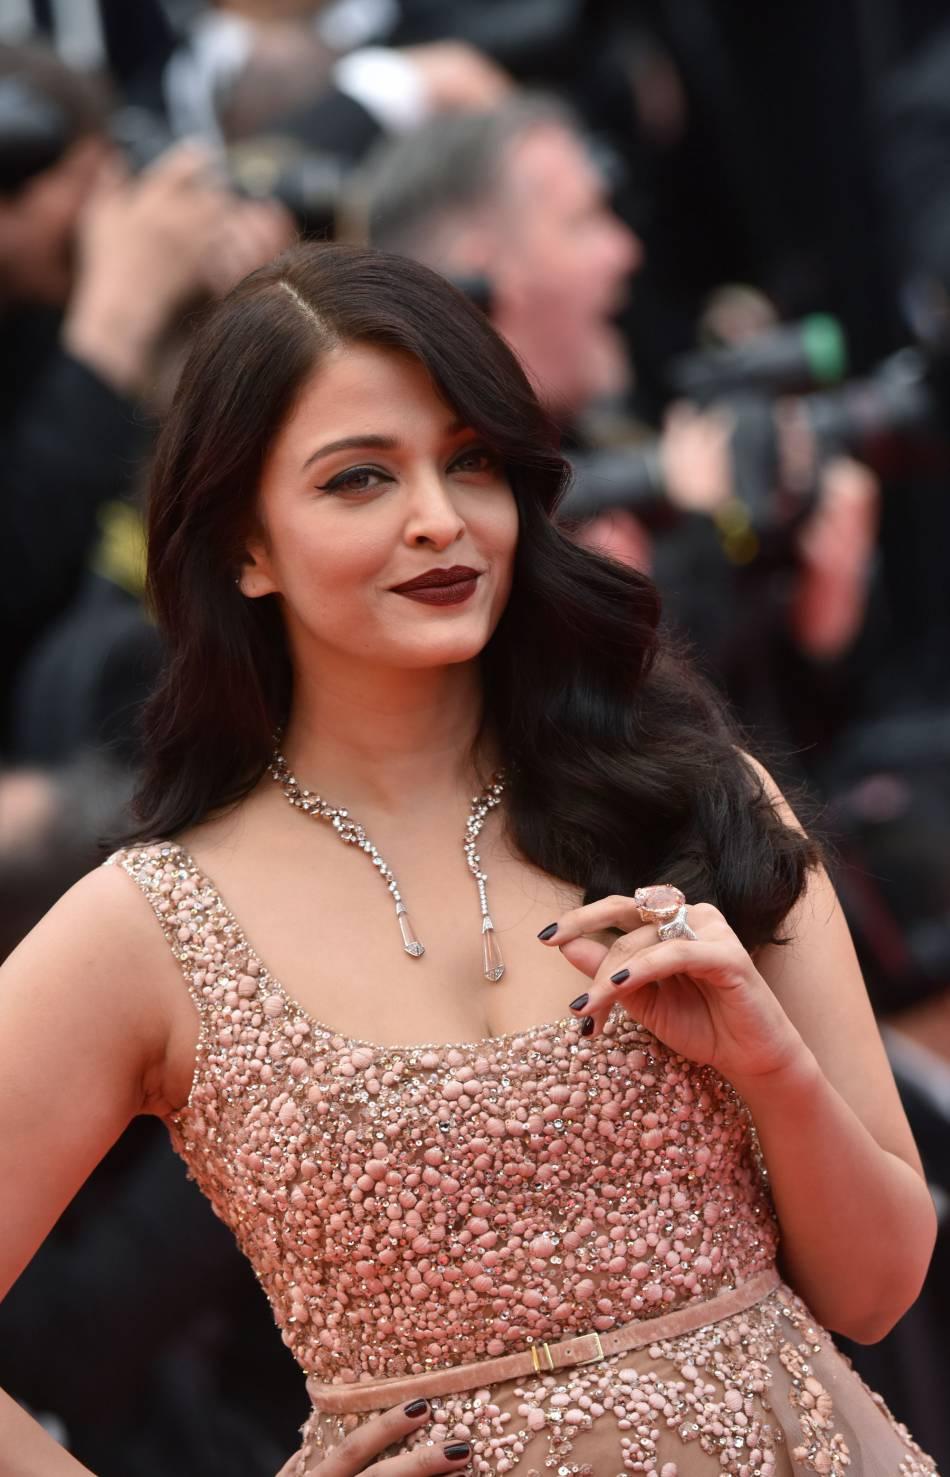 Aishwarya Rai : les lèvres dark, une fois de plus, et sur une carnation cette fois-ci plus foncée. Cela fonctionne aussi. C'est la magie de cette tendance !